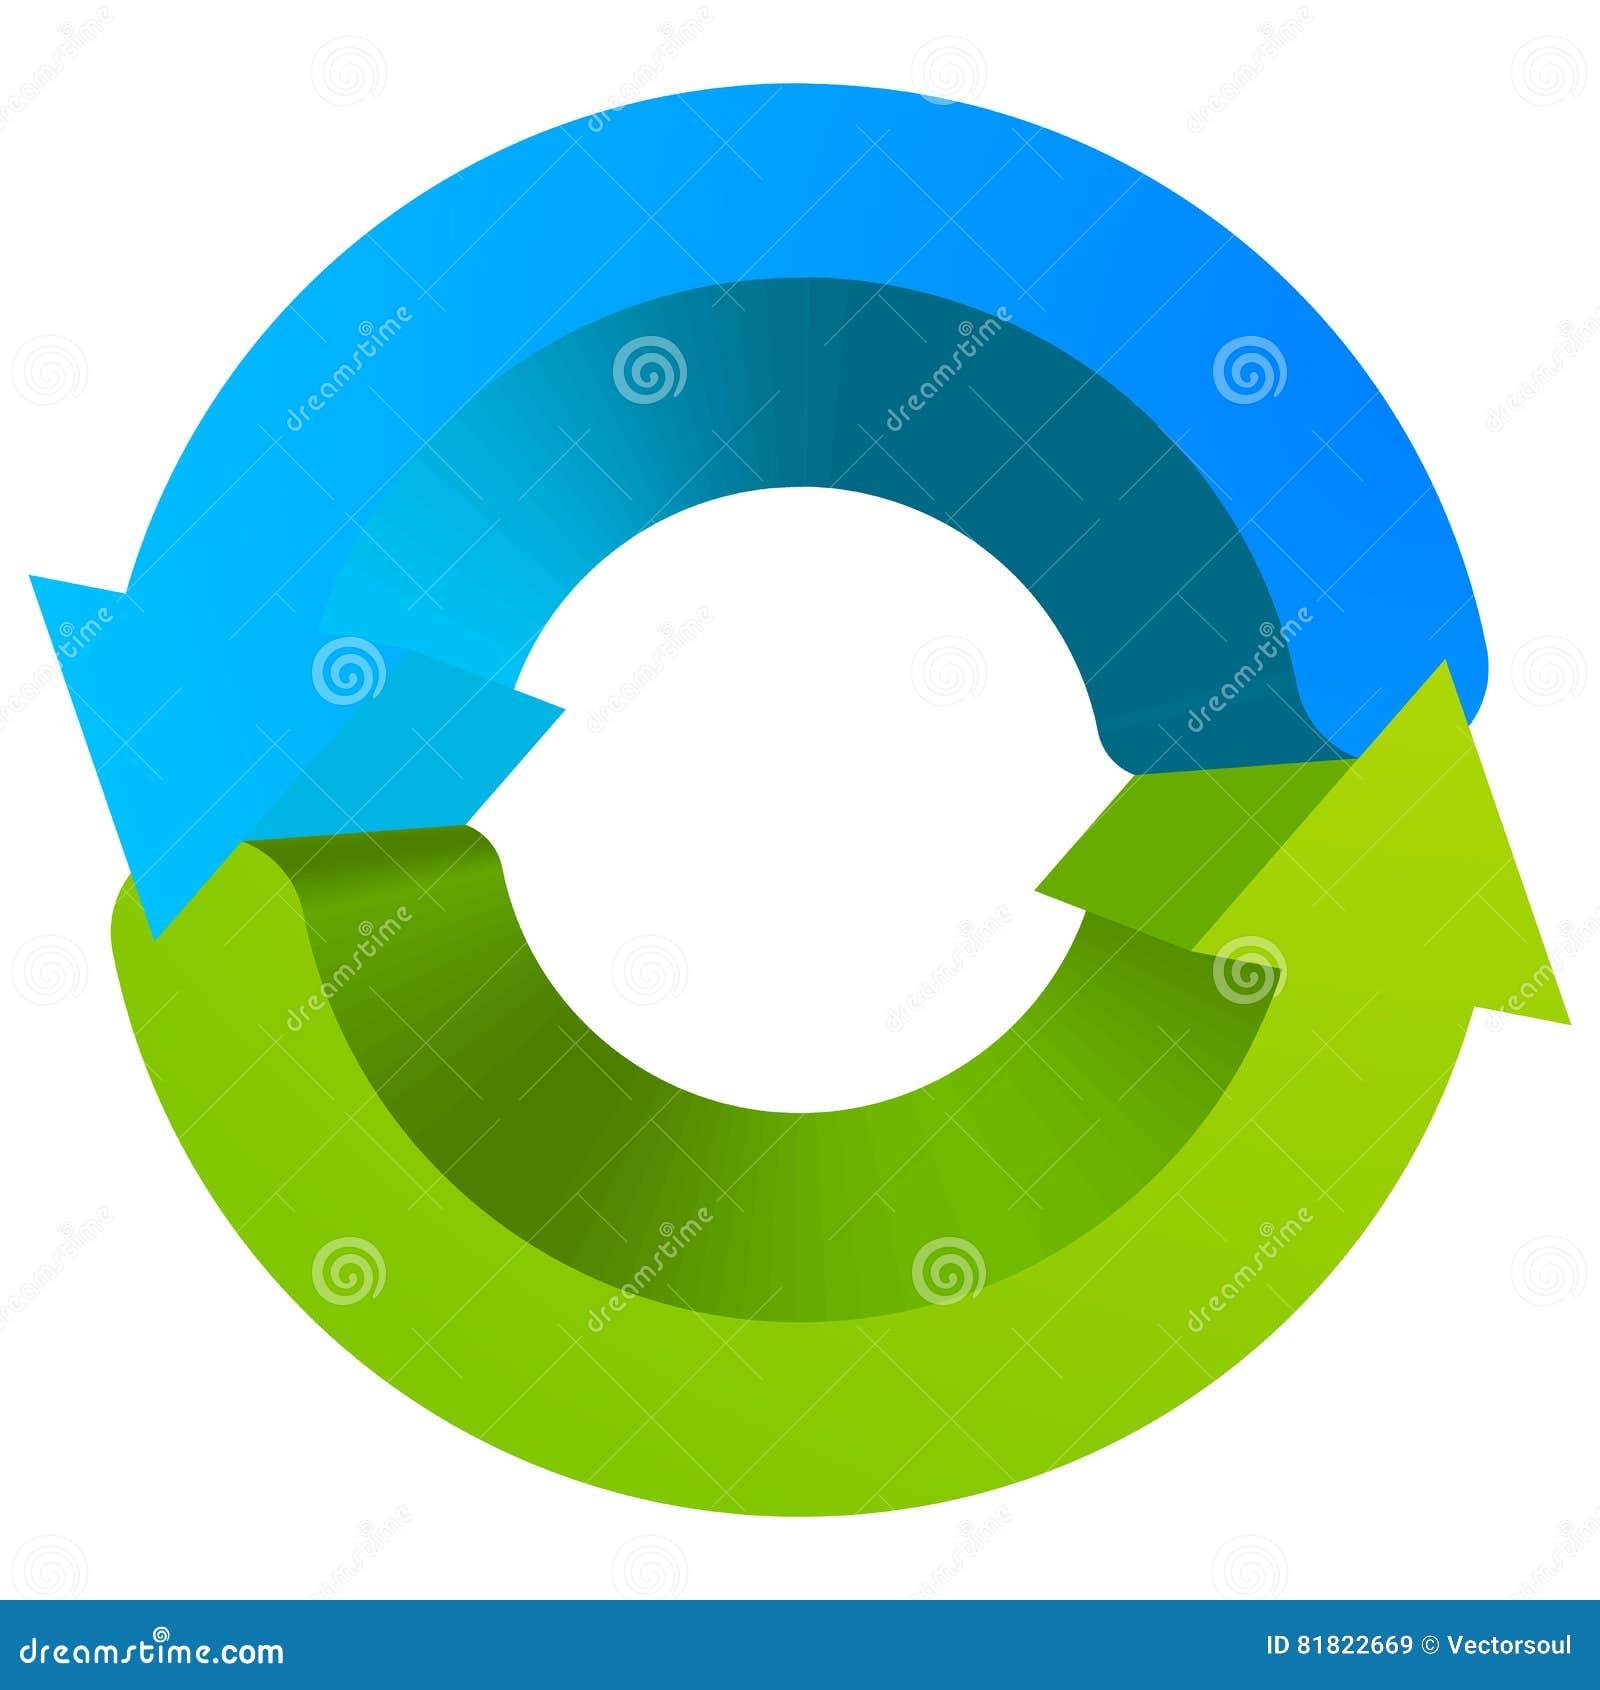 Blaues und grünes Kreispfeilsymbol/Ikone